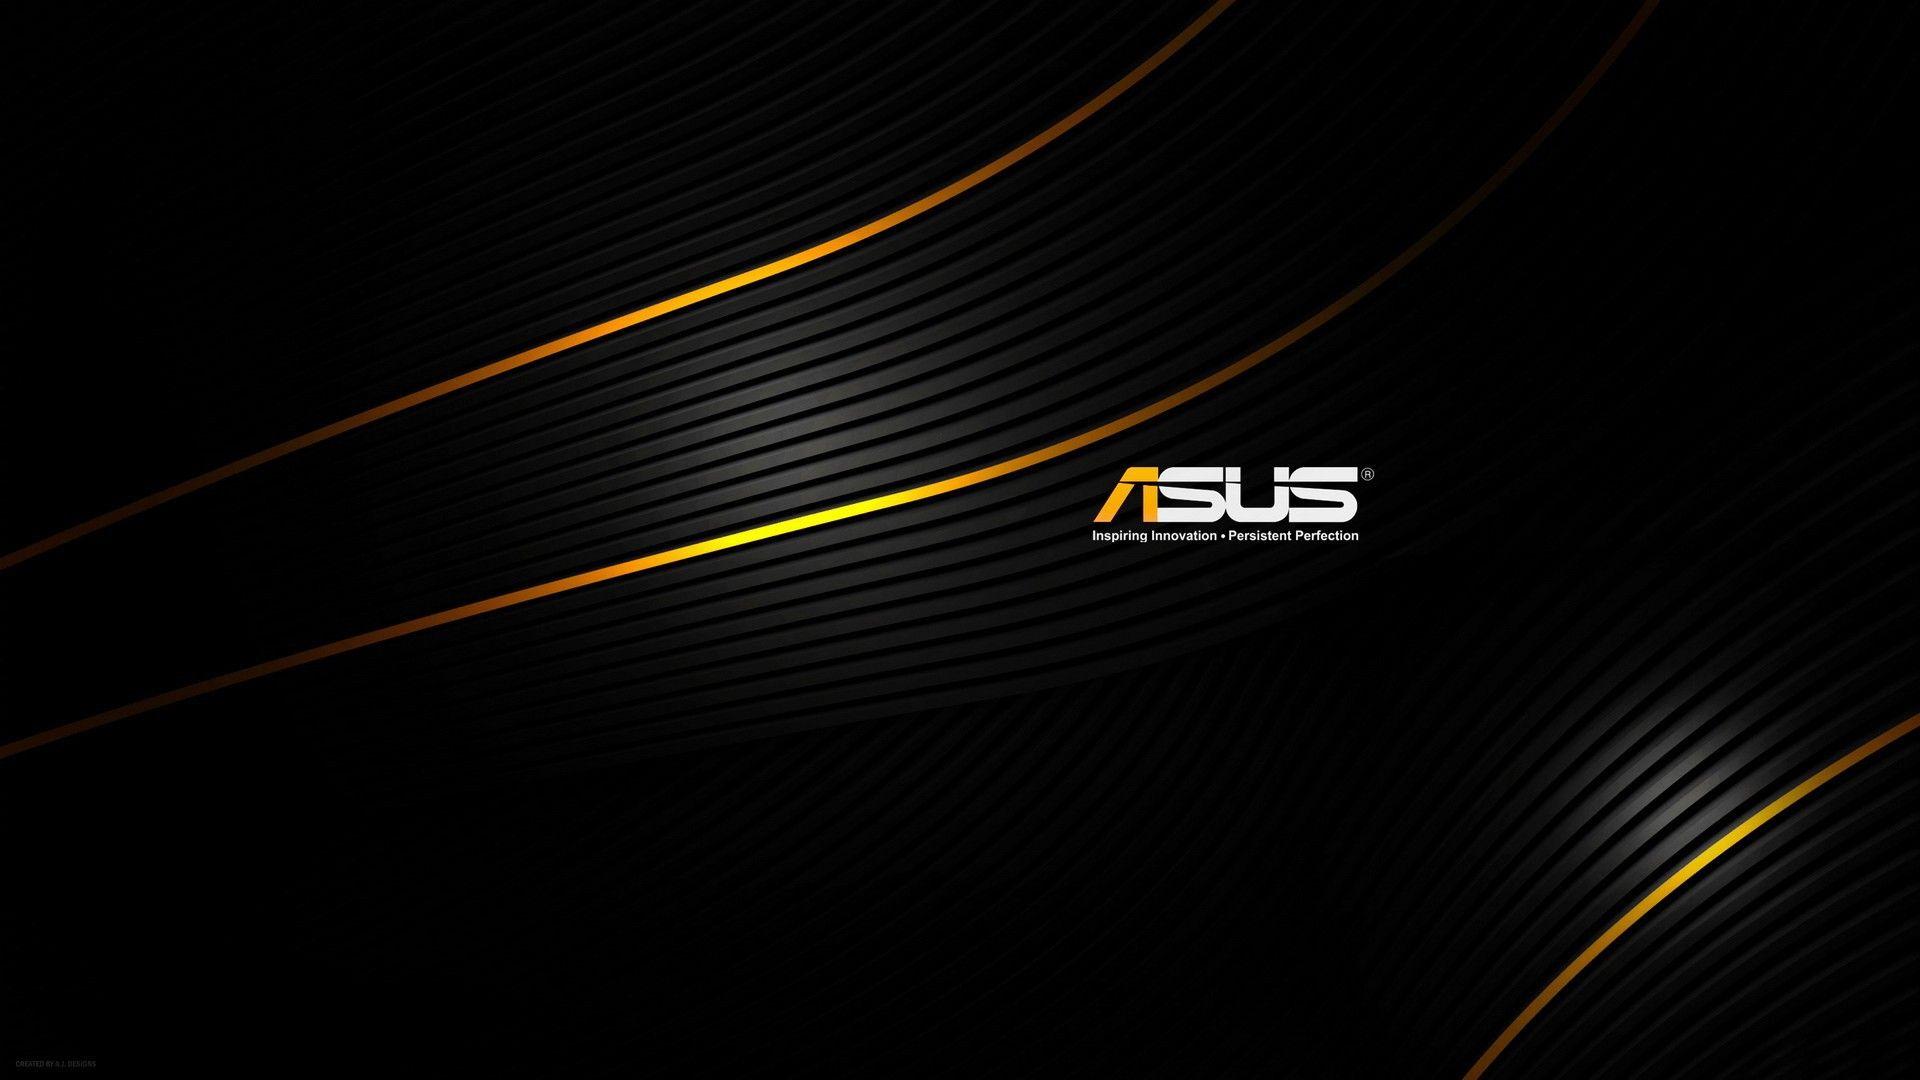 Asus Wallpaper Hd: Asus Windows 10 Wallpaper HD